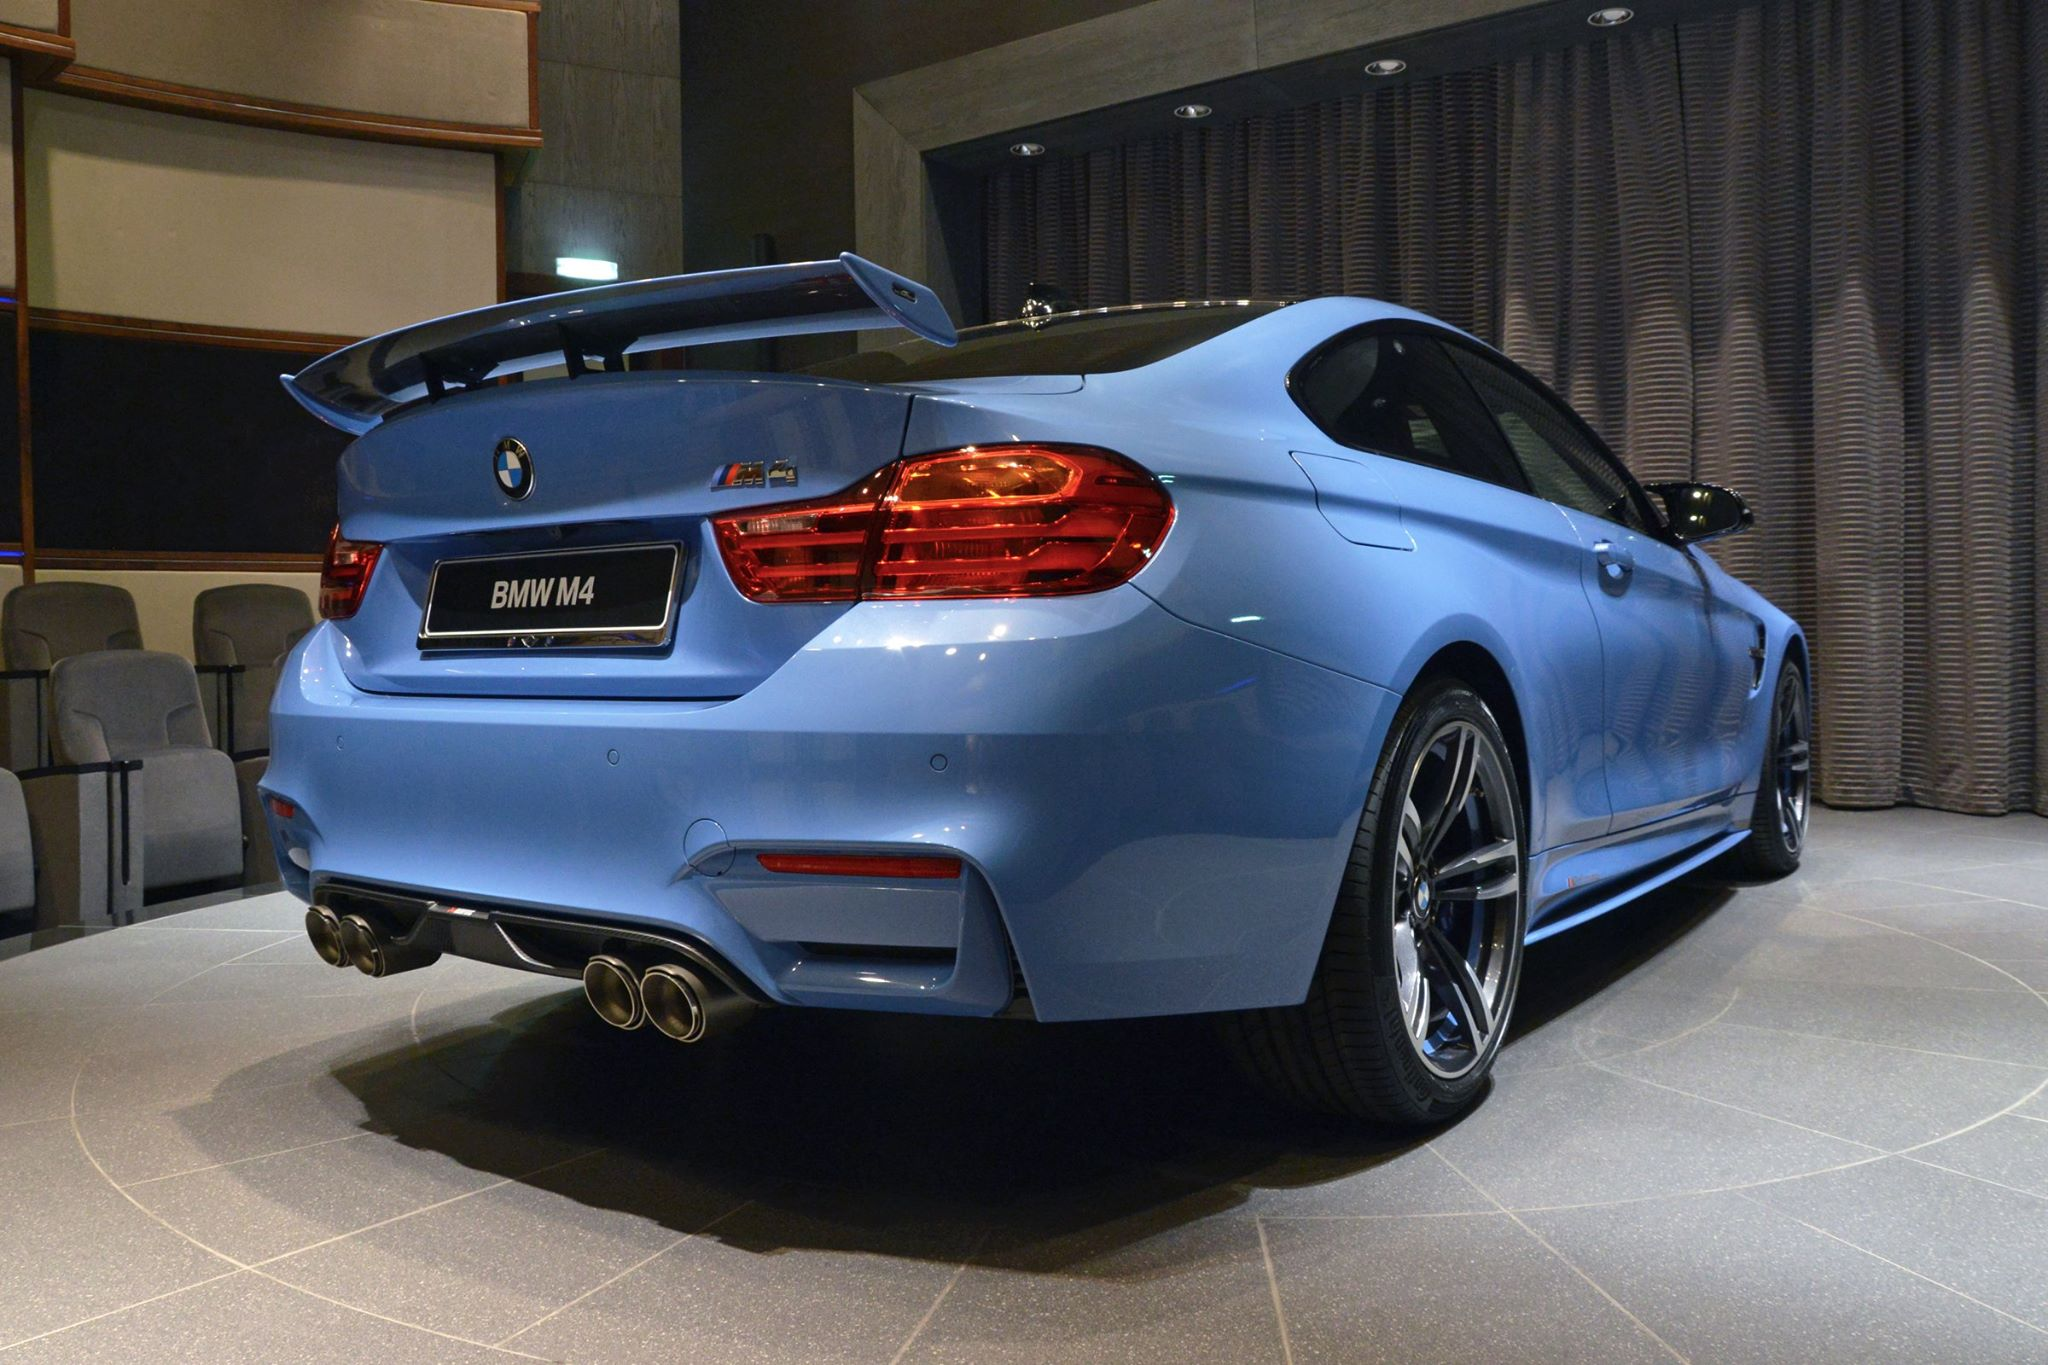 Yas Marina Blue BMW M4 Abu Dhabi 11